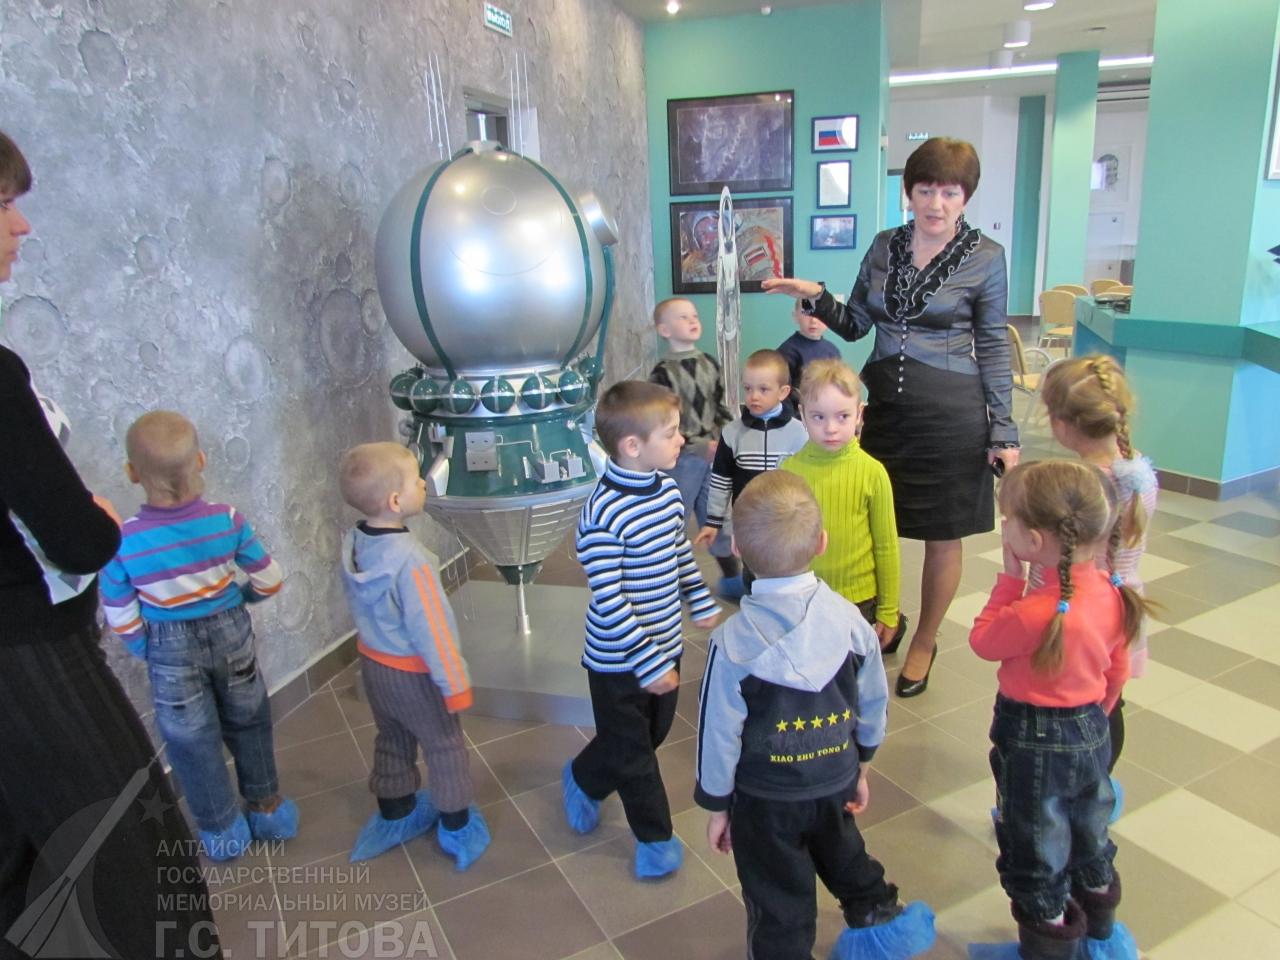 Государственный мемориальный музей Г. С. Титова в Алтайском крае